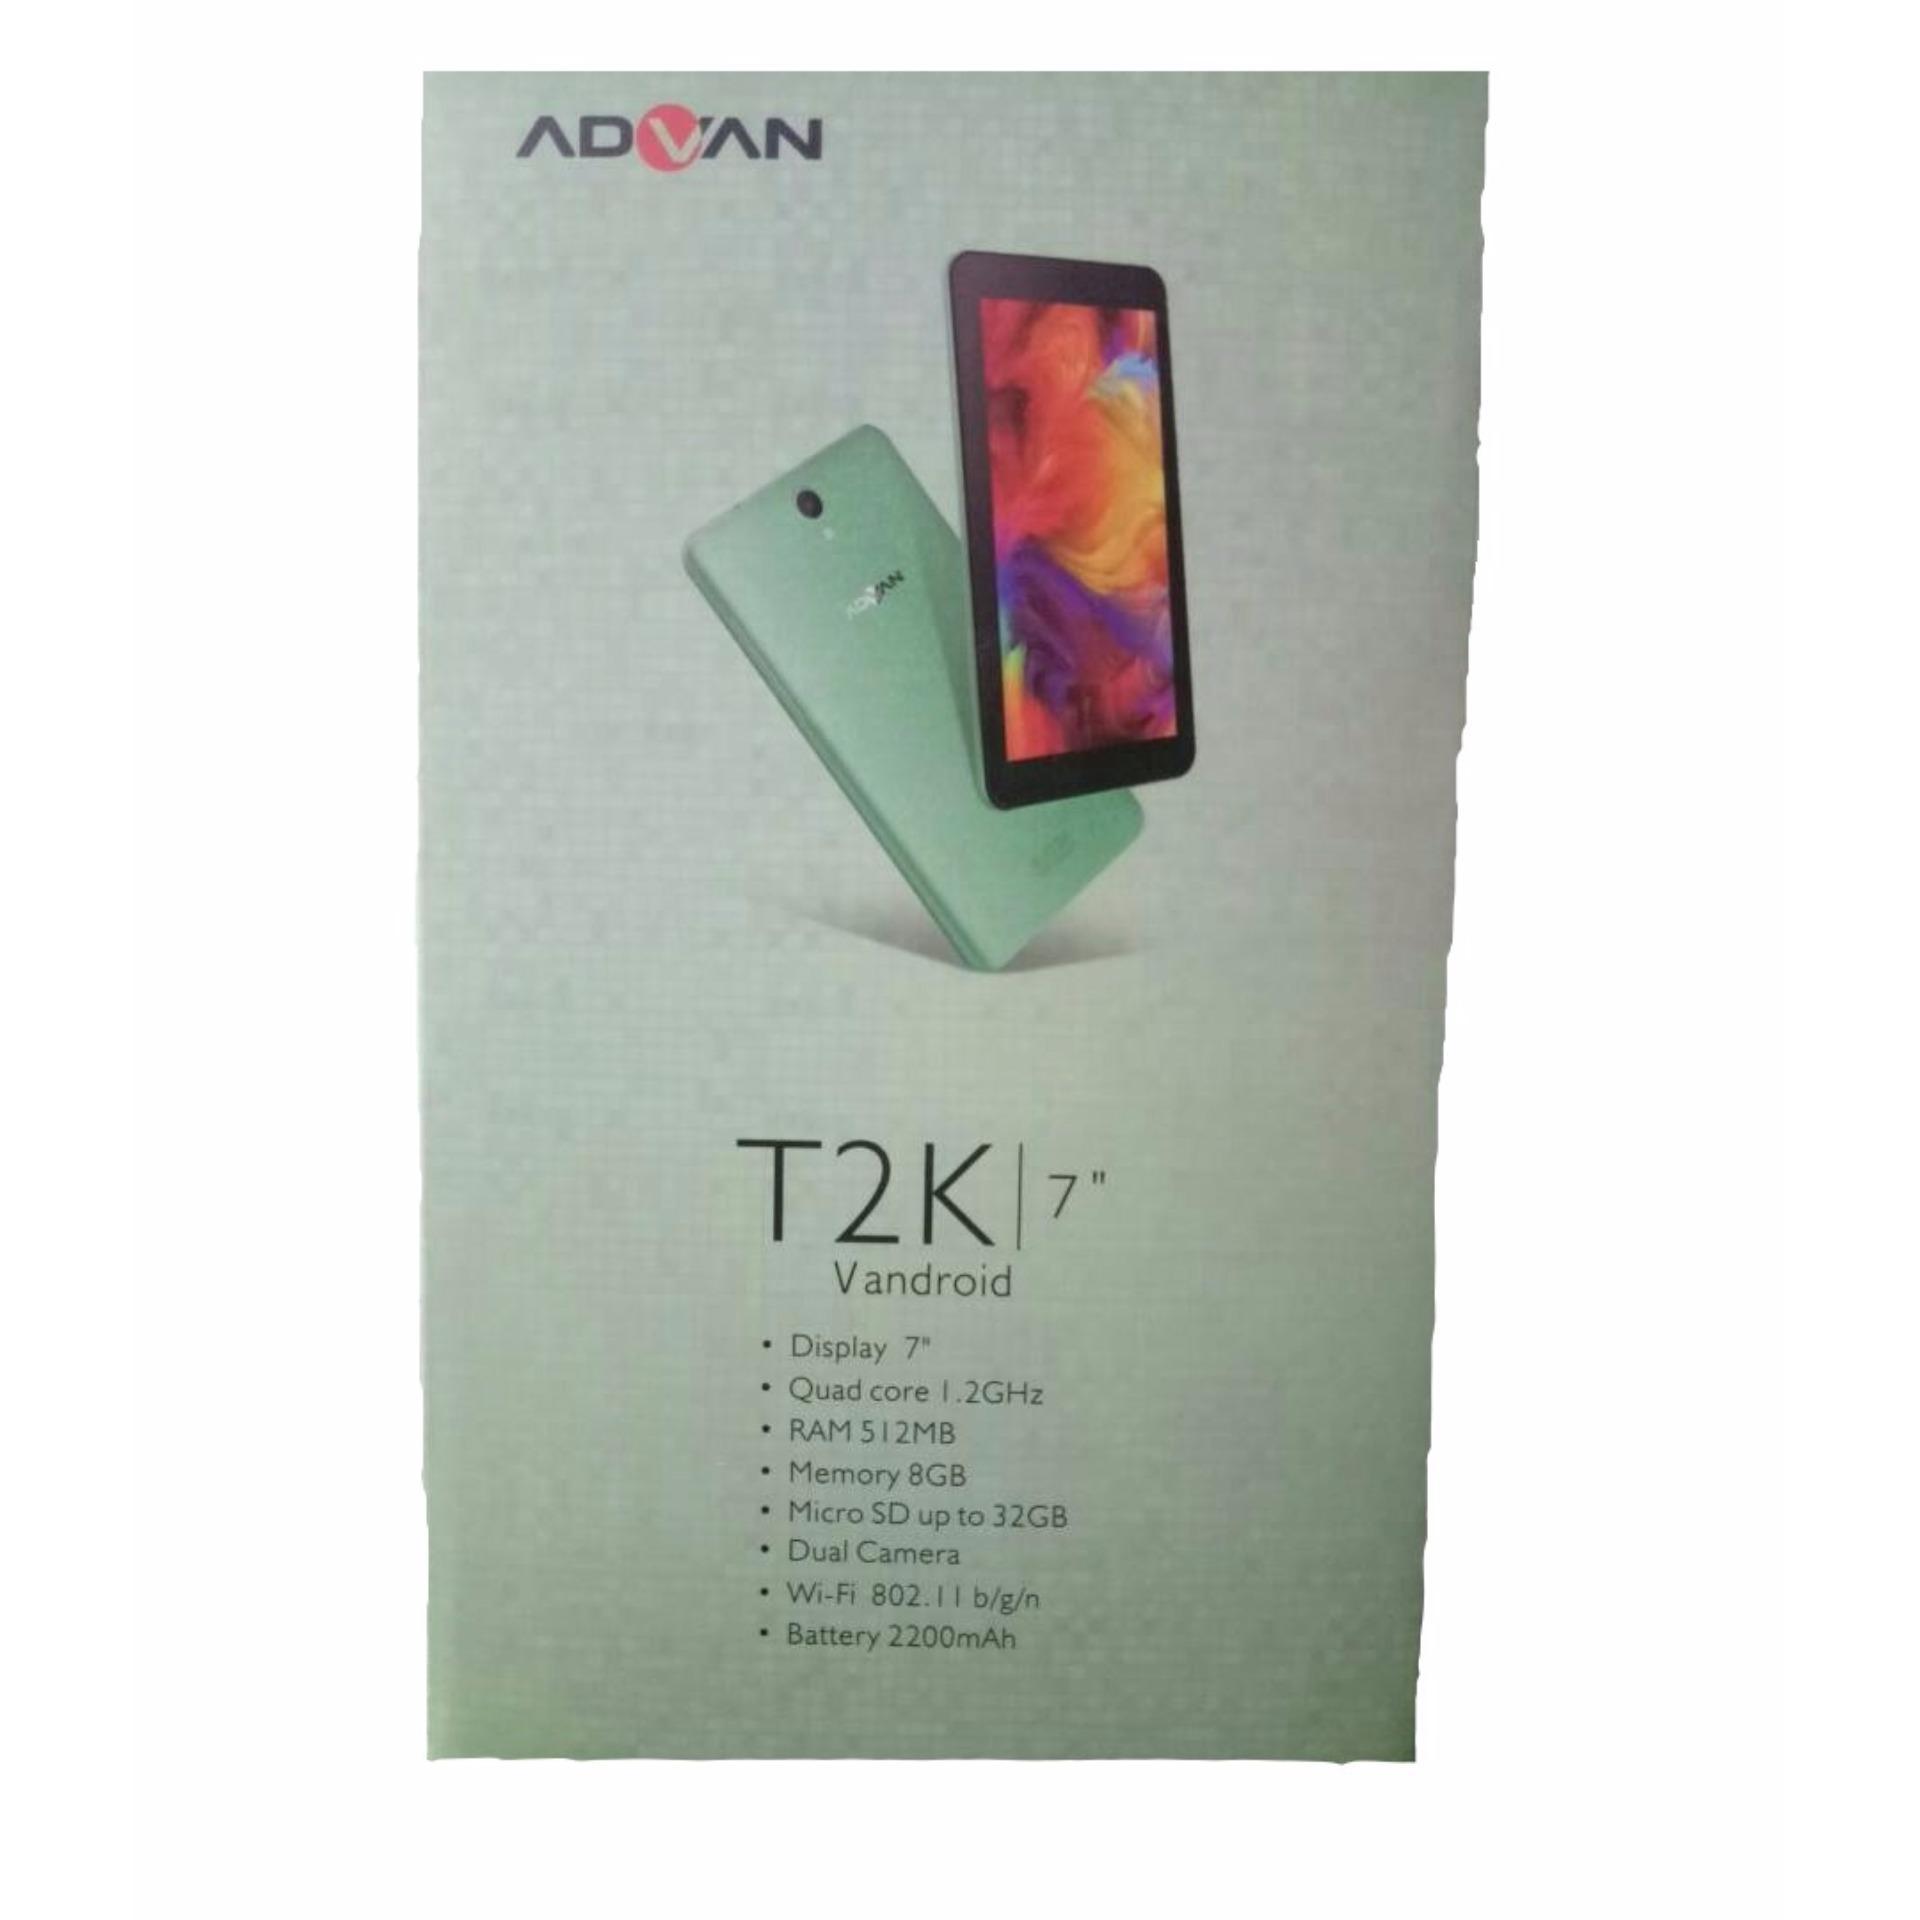 Harga Baru Tab Advan T2k Tablet Wifi 8gb Vandroid Camera Terbaik Murah